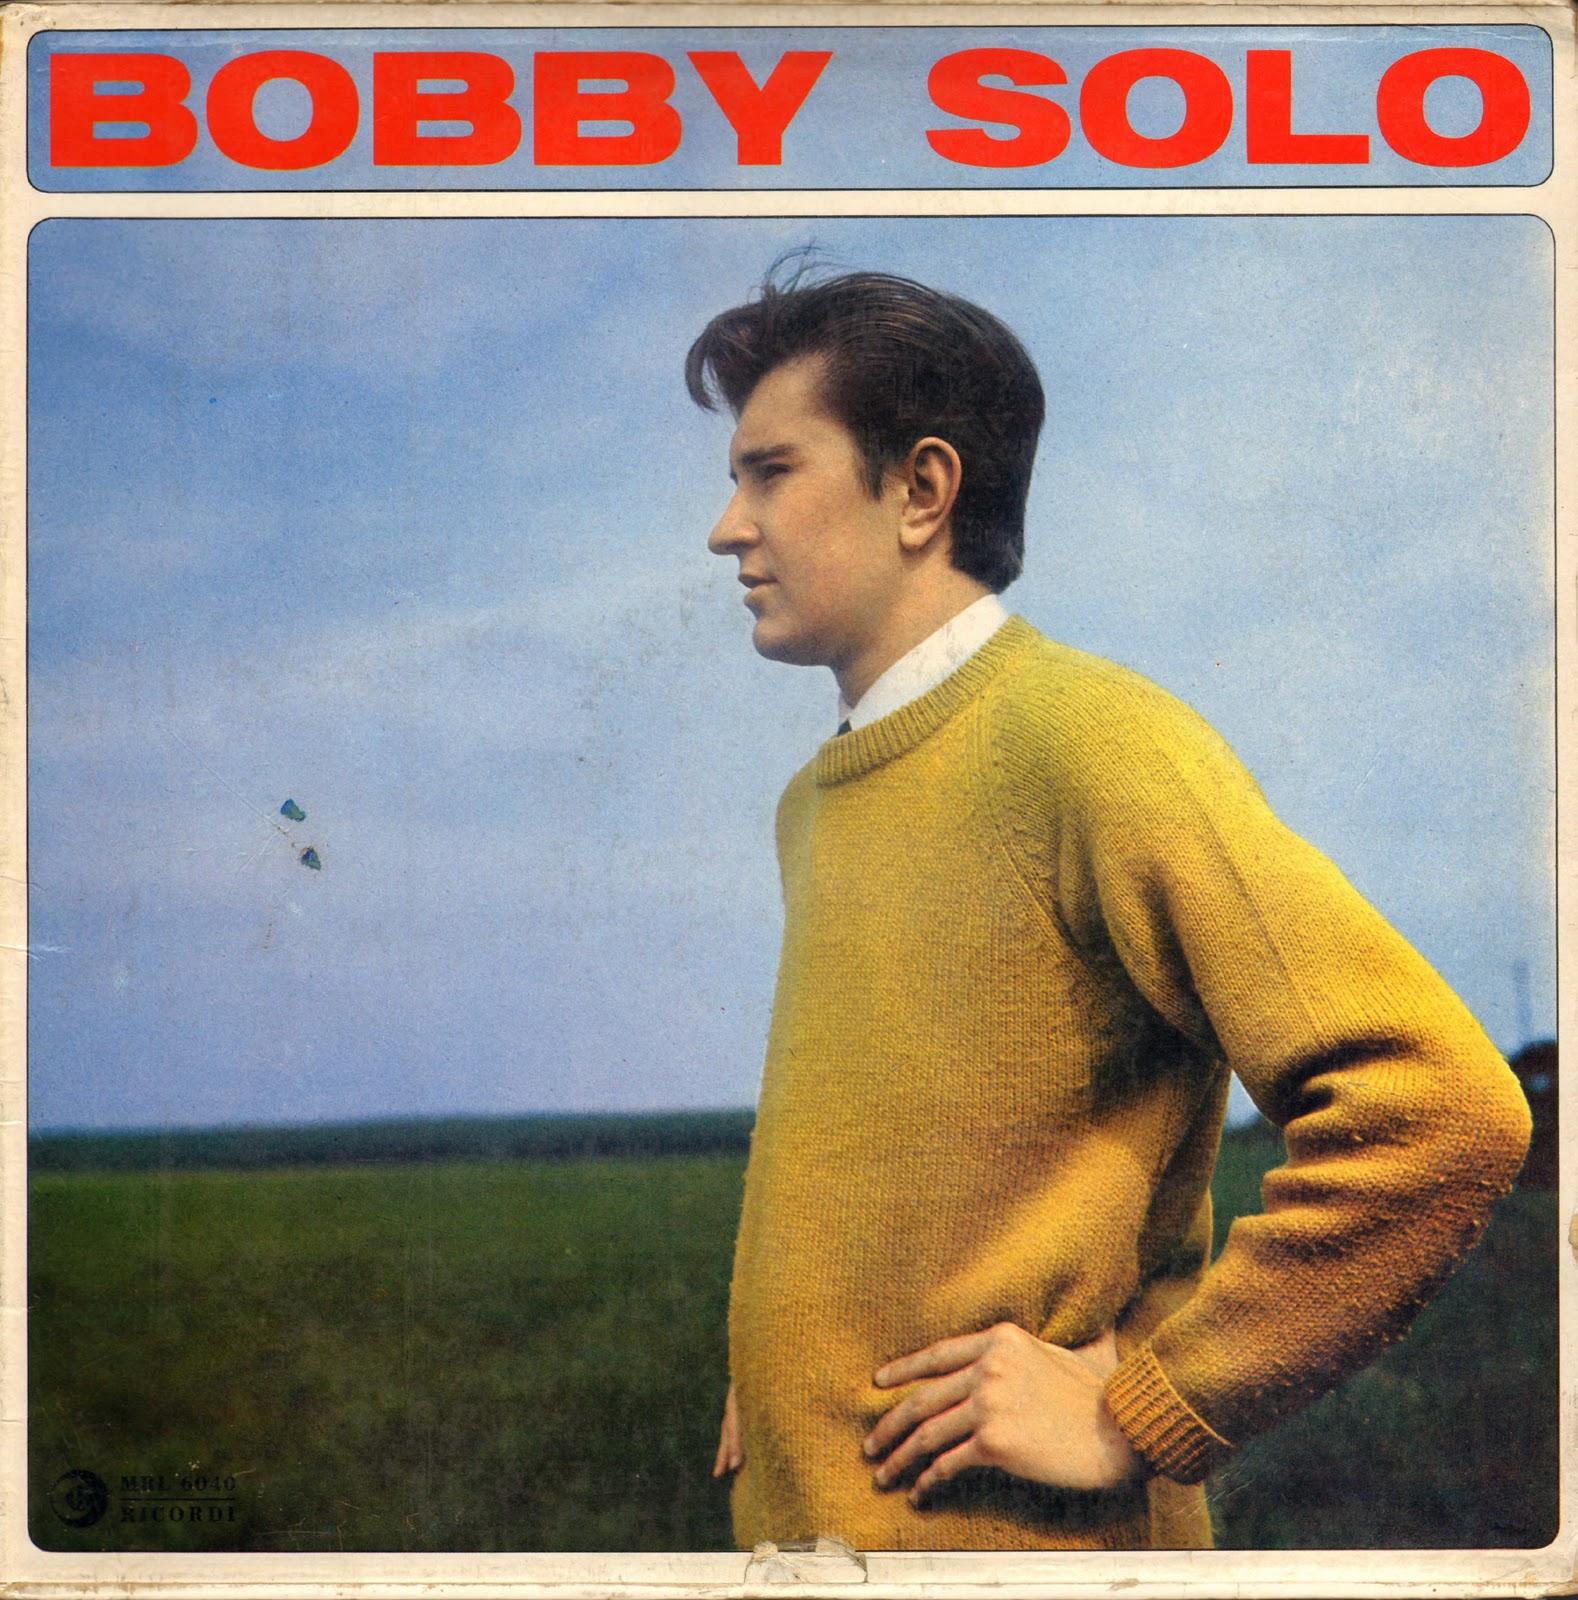 bobby-solo-copertina-una-lacrima-sul-viso